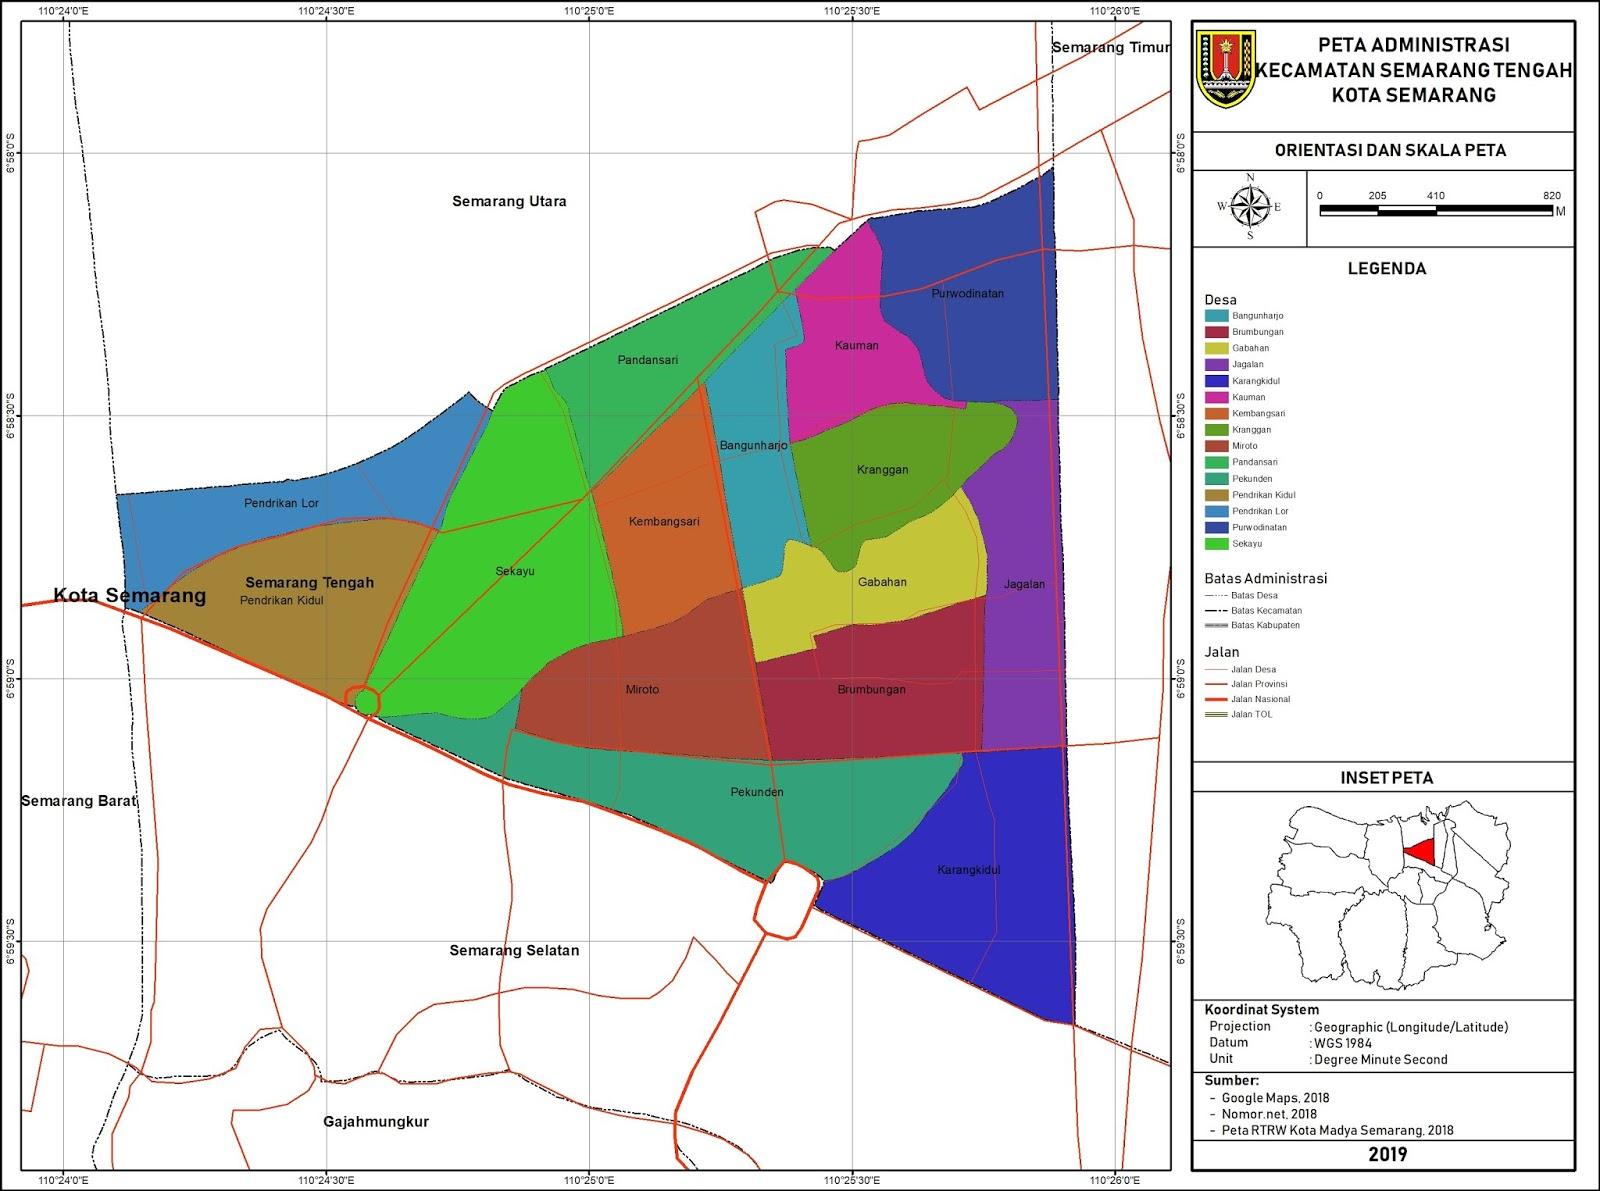 Peta Administrasi Kecamatan Semarang Tengah, Kota Semarang ...